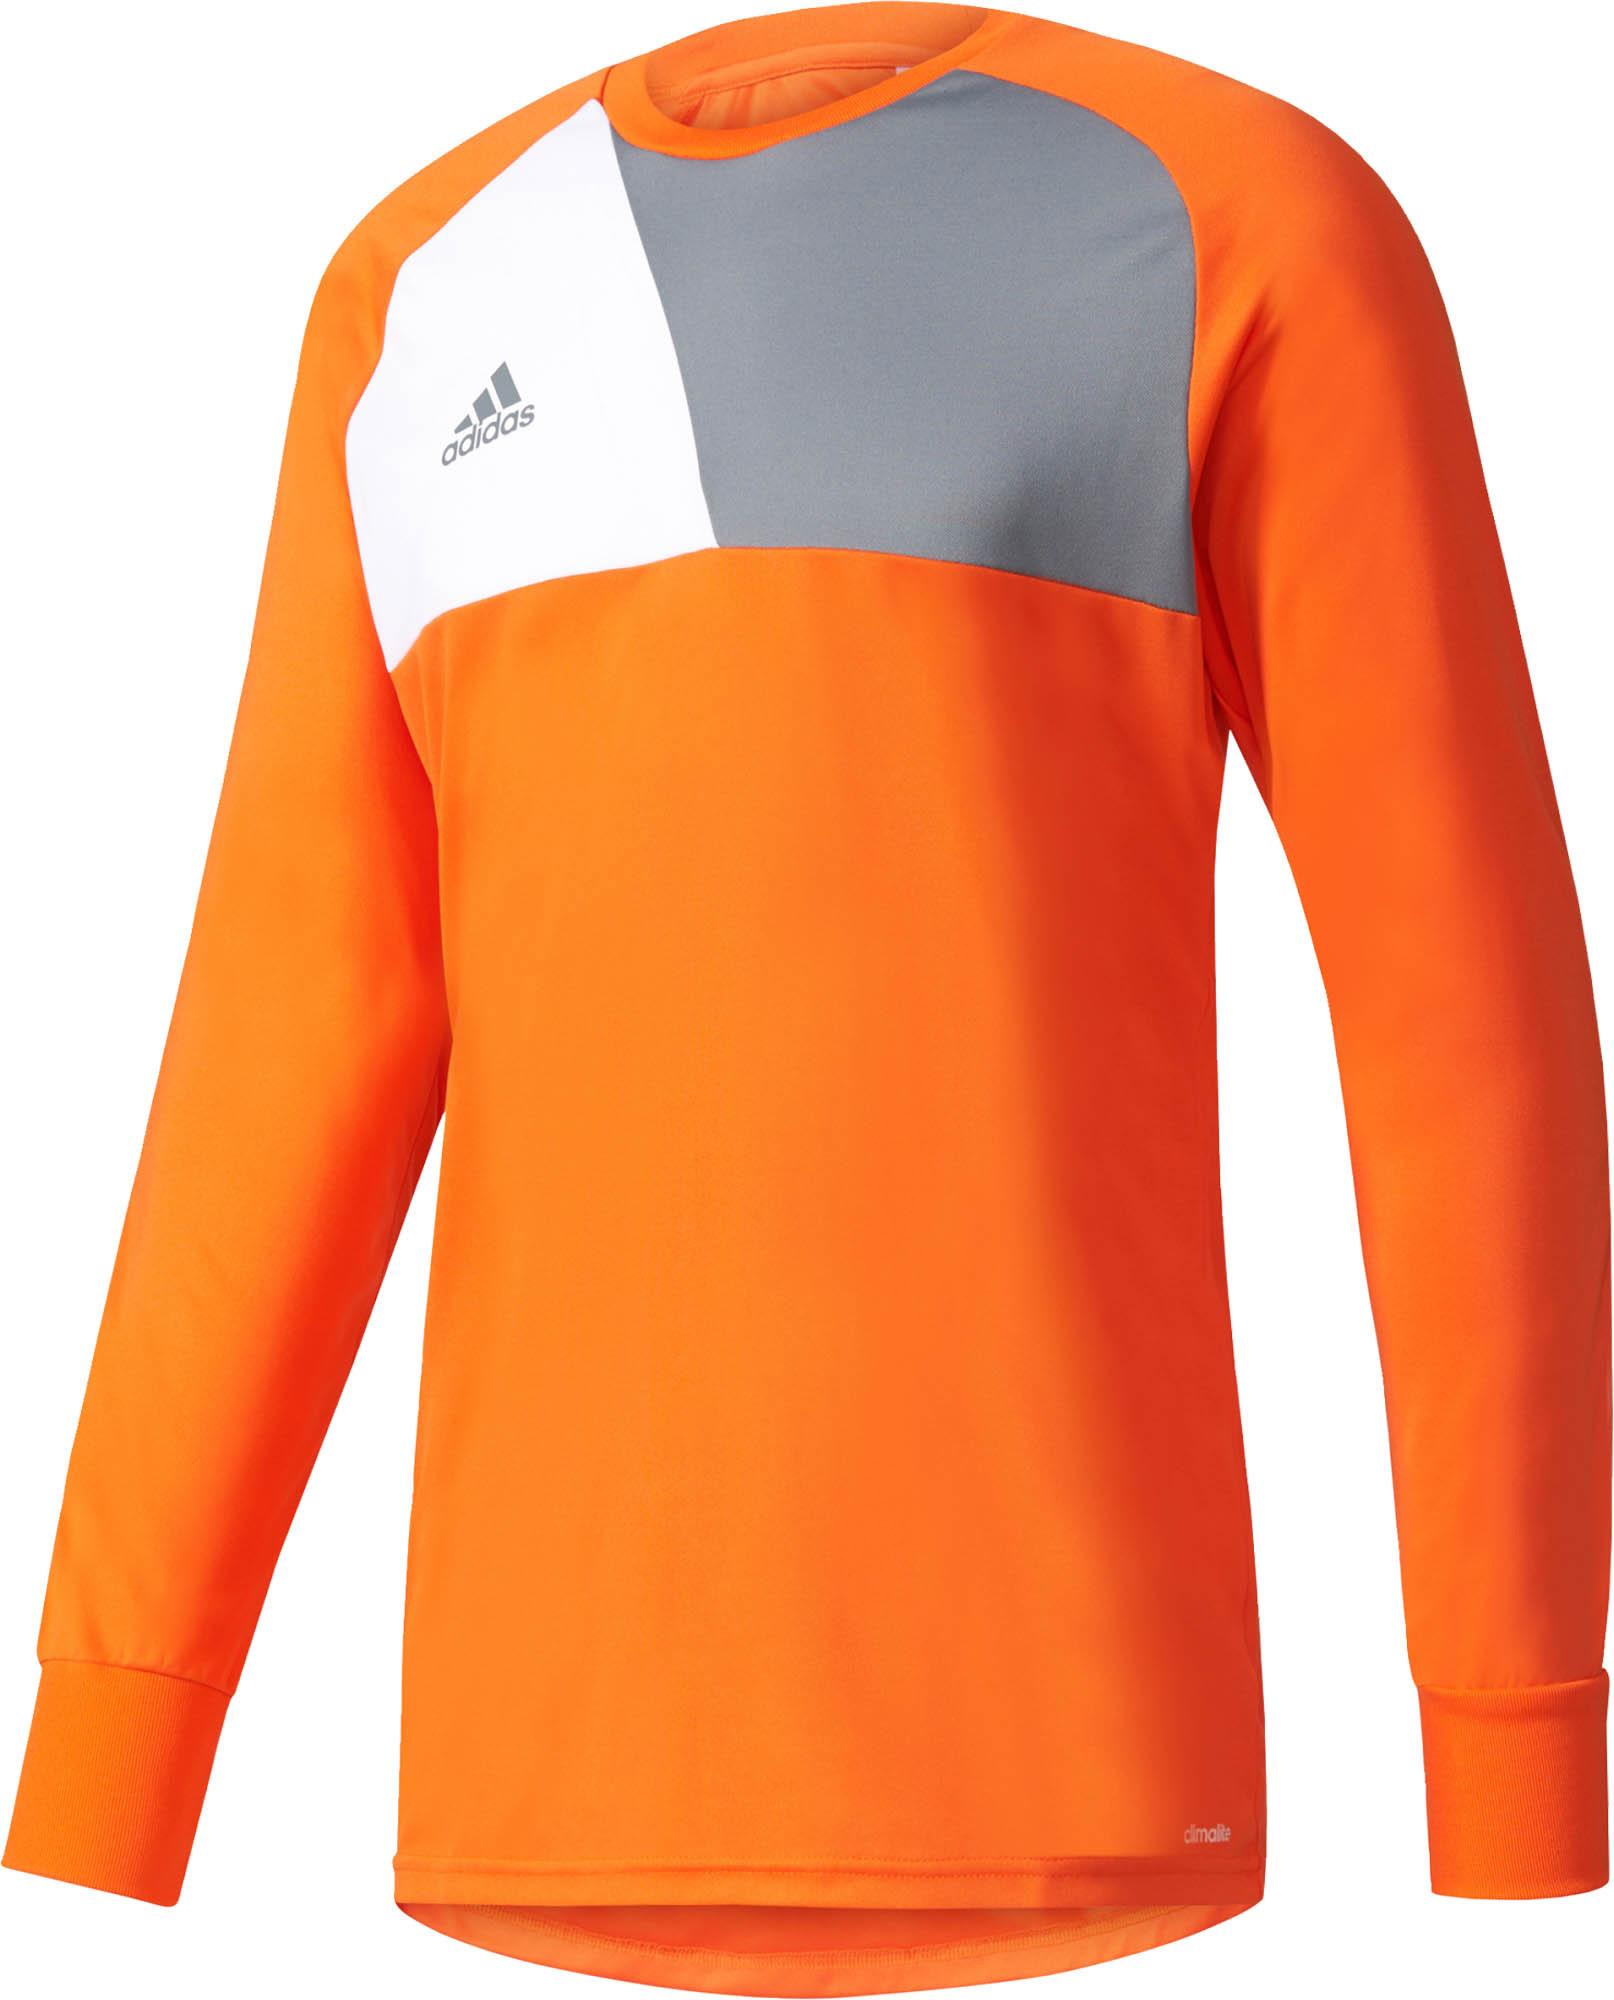 adidas Assita 17 Goalkeeper Jersey - Orange & White - Soccer Master